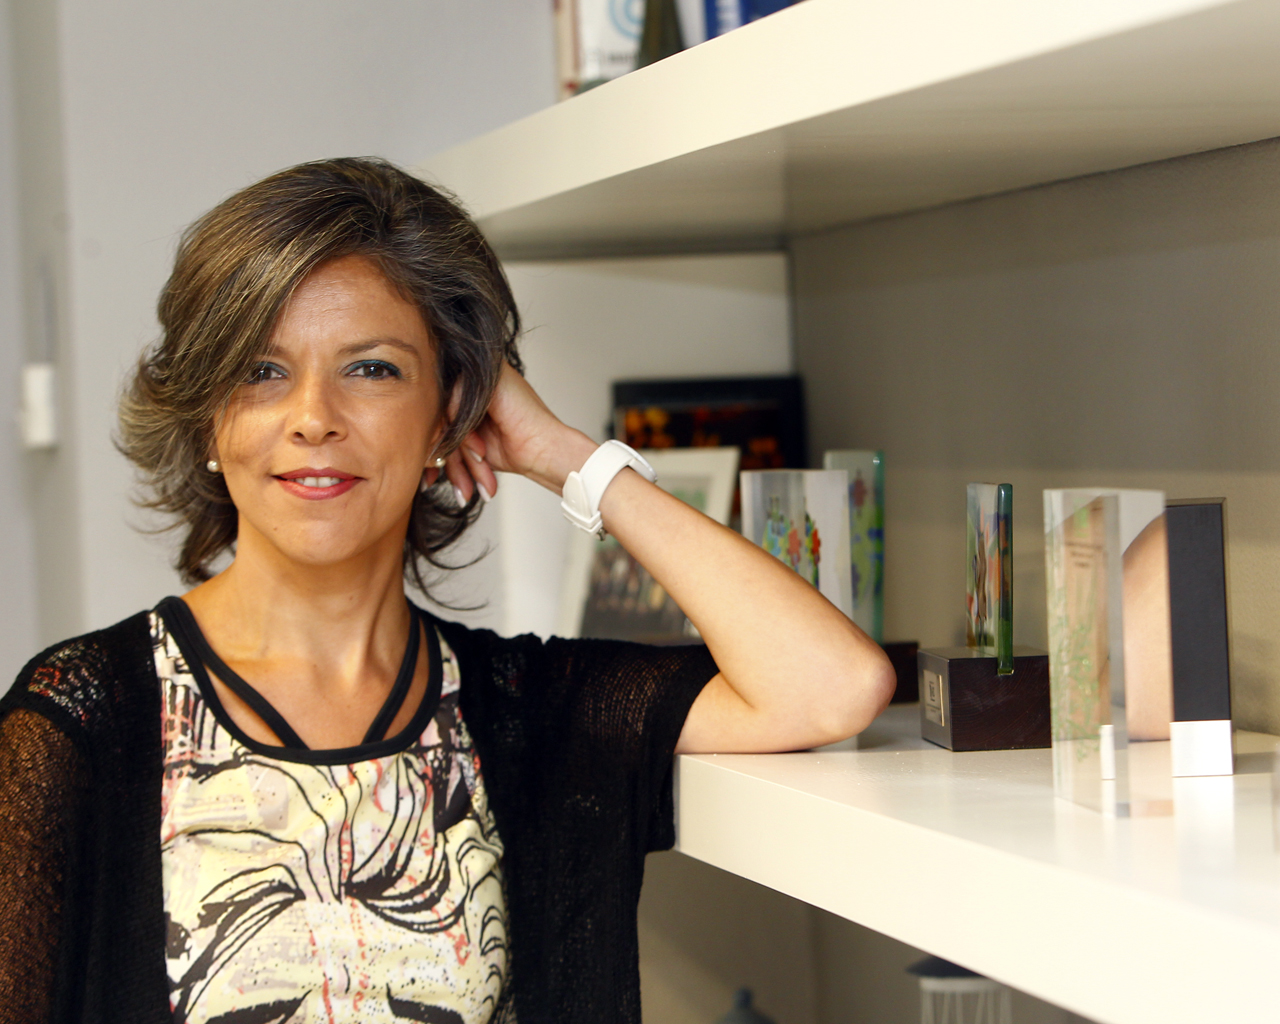 Marta Villanueva - Directora General en Asociación Española para la Calidad - European Organization for Quality (EOQ)